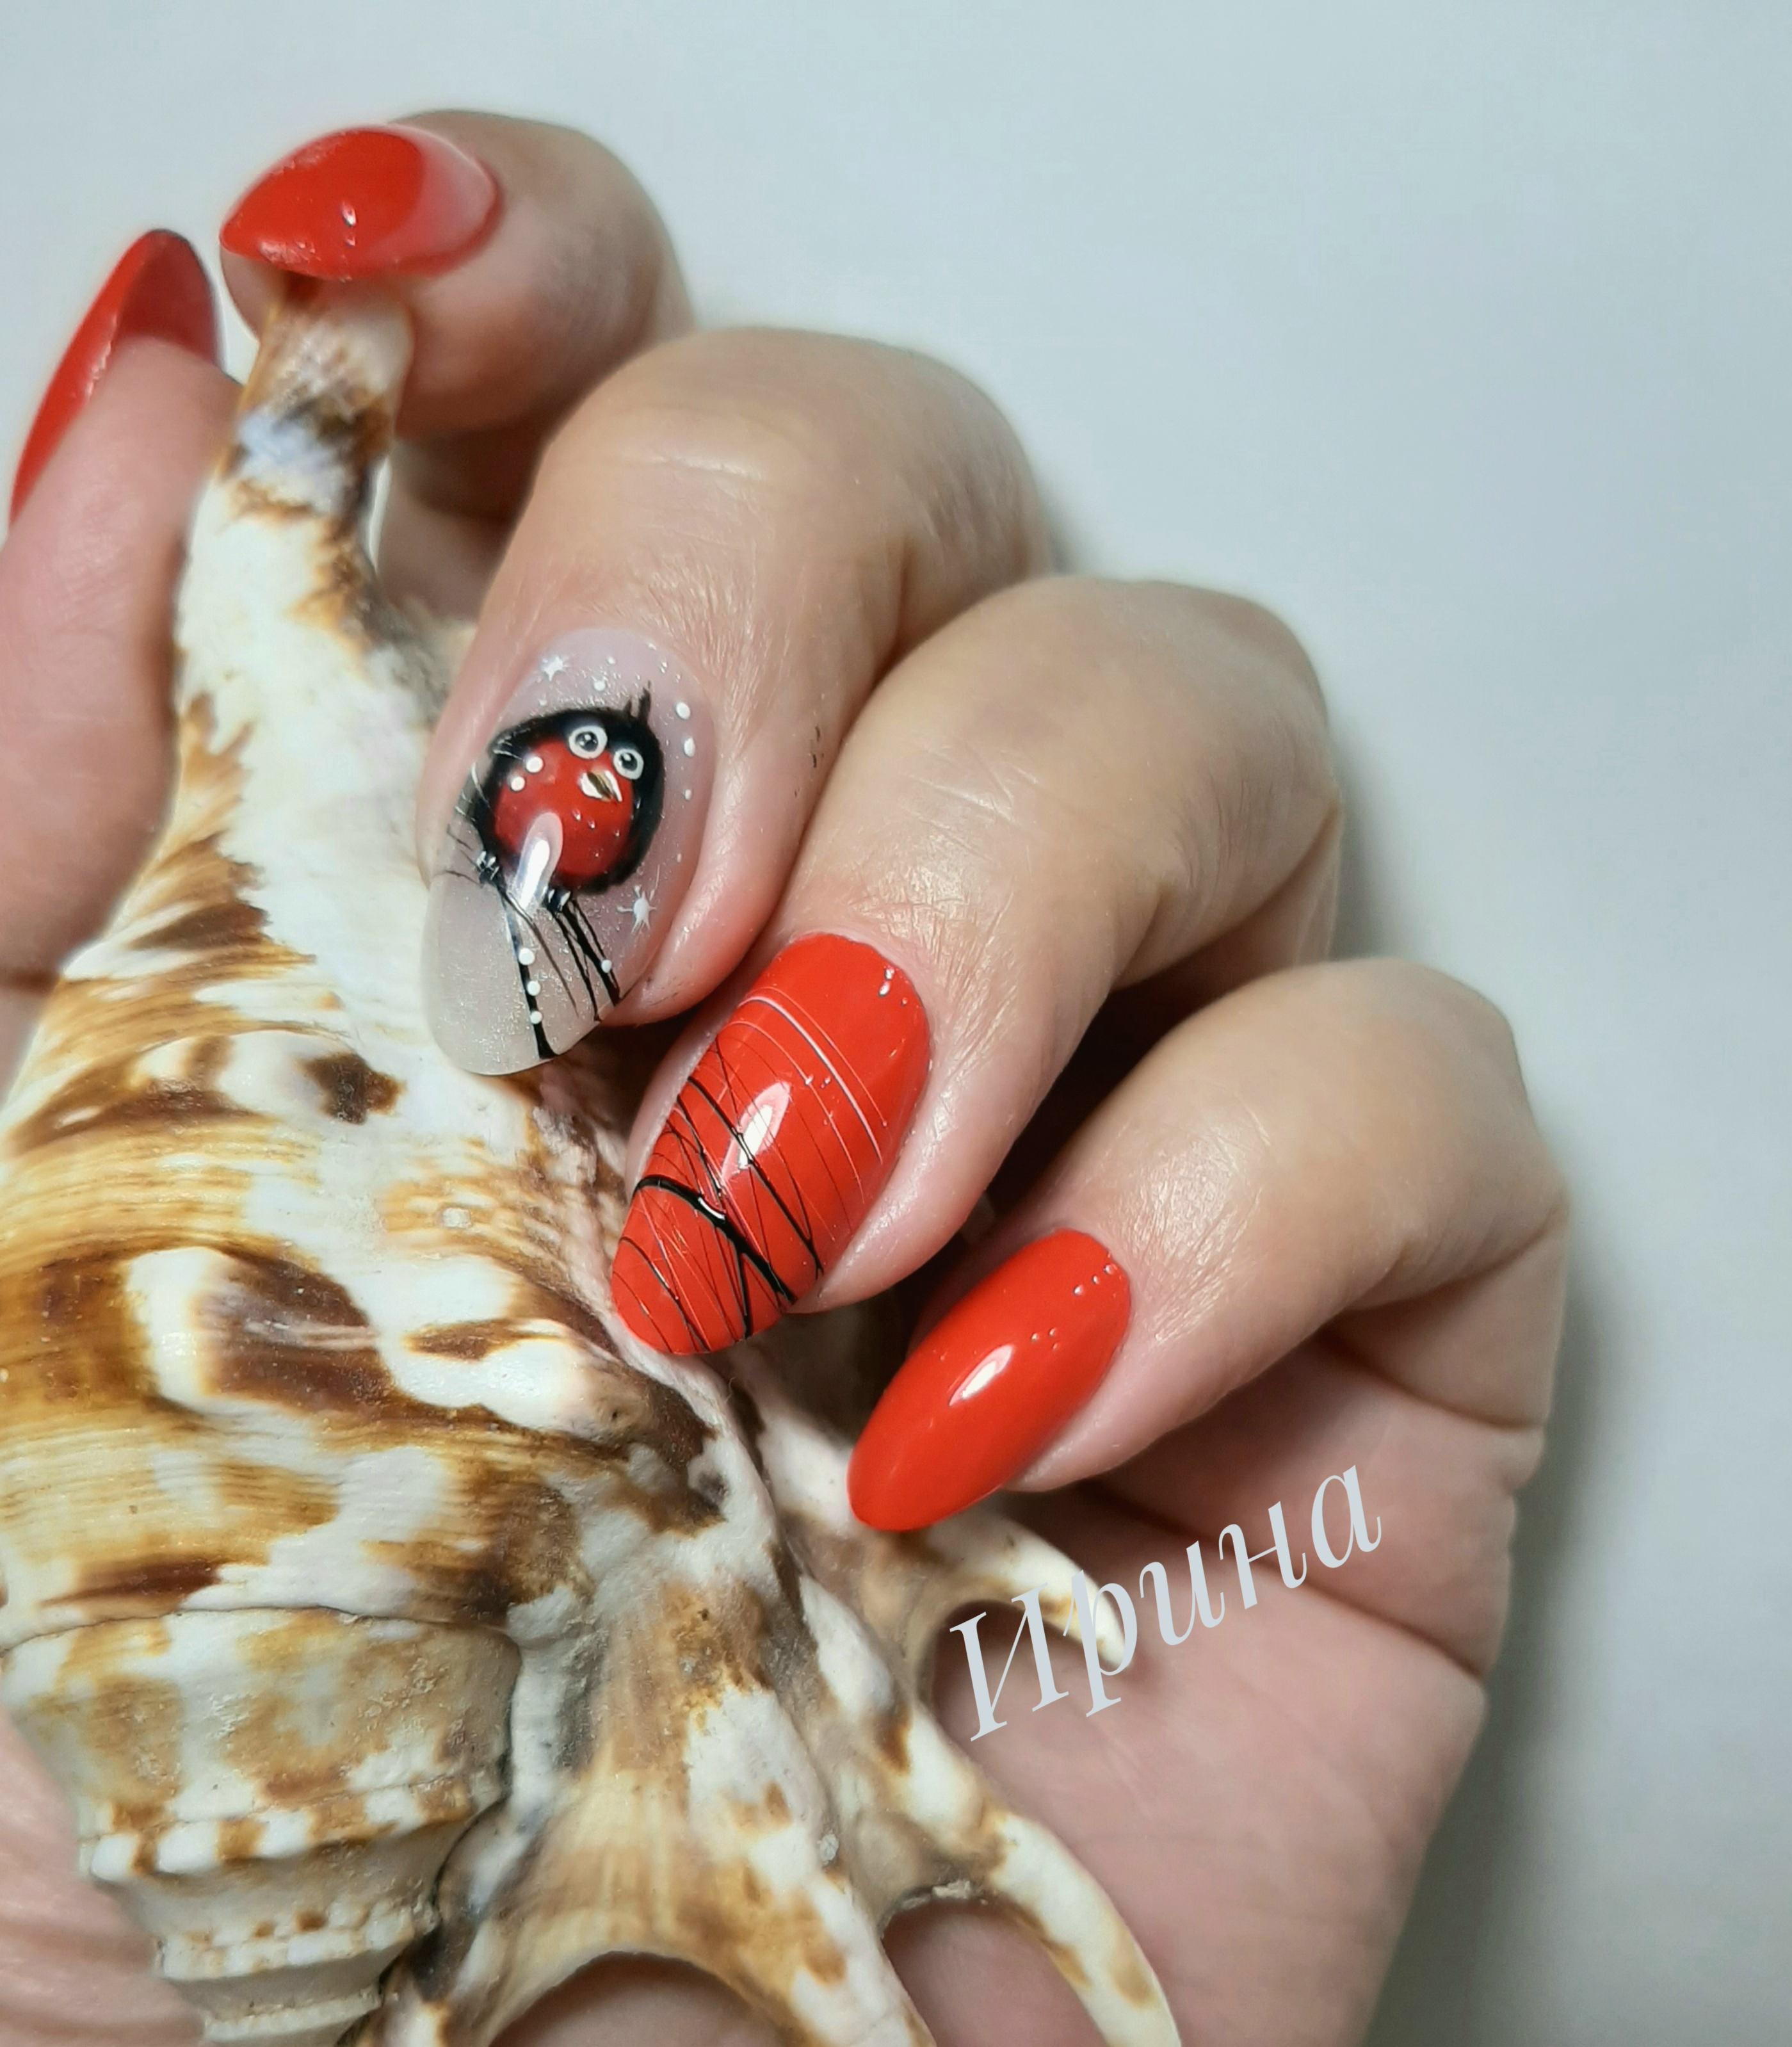 """Маникюр в красном цвете с мультяшным рисунком """"птичка"""" и паутинкой."""